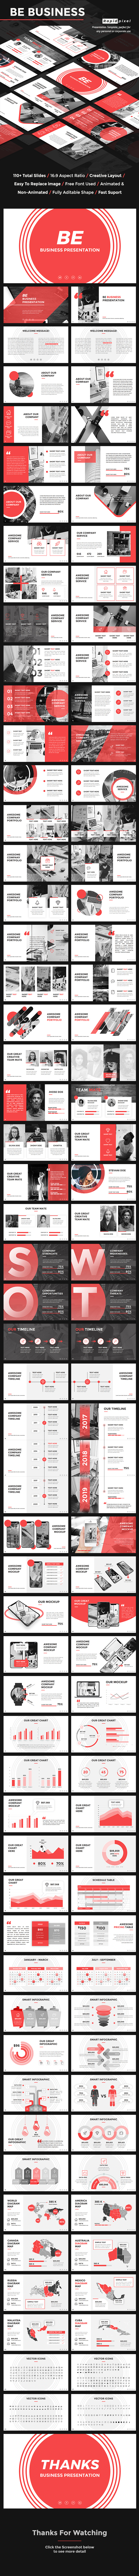 Be Business Google Slides - Google Slides Presentation Templates